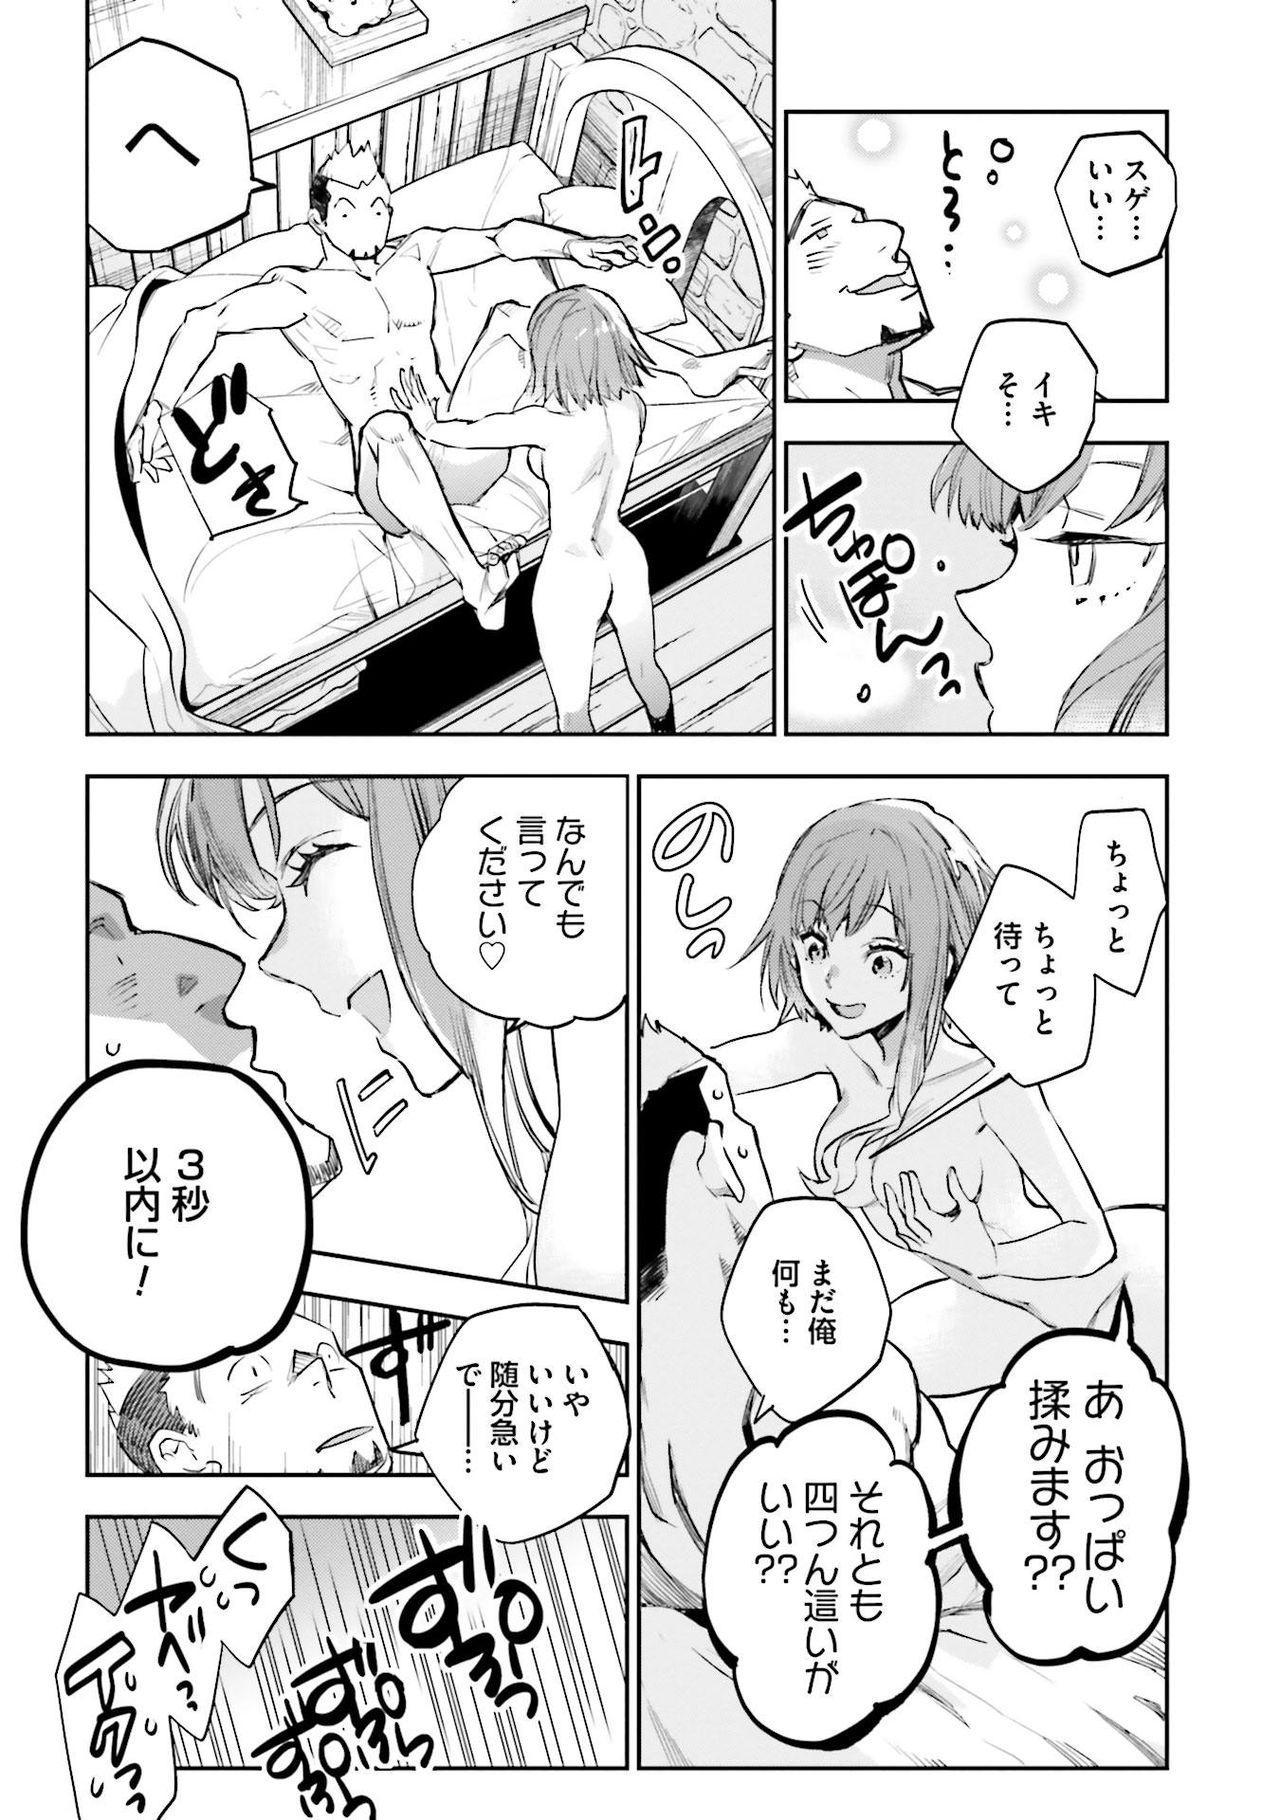 JK Haru wa Isekai de Shoufu ni Natta 1-14 365